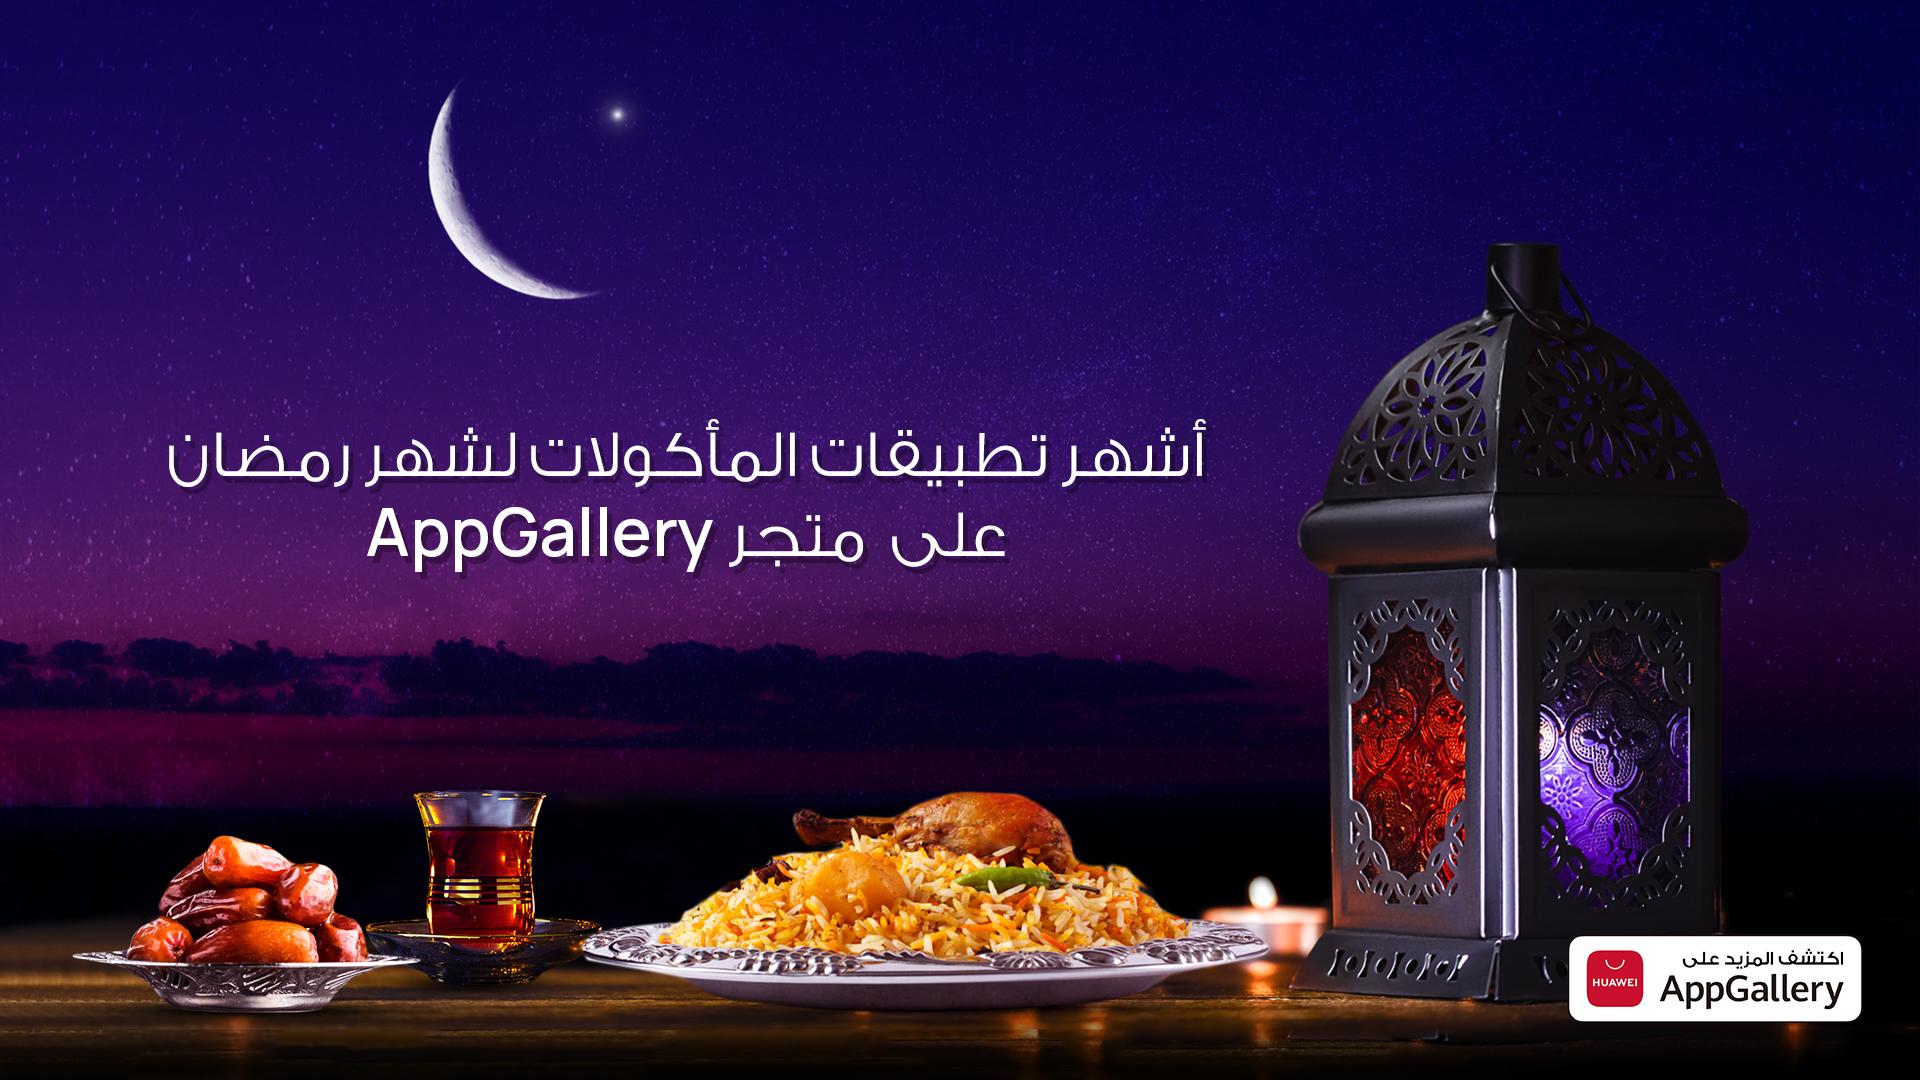 تطبيقات متنوعة للطعام في شهر رمضان عبر متجر تطبيقات AppGallery